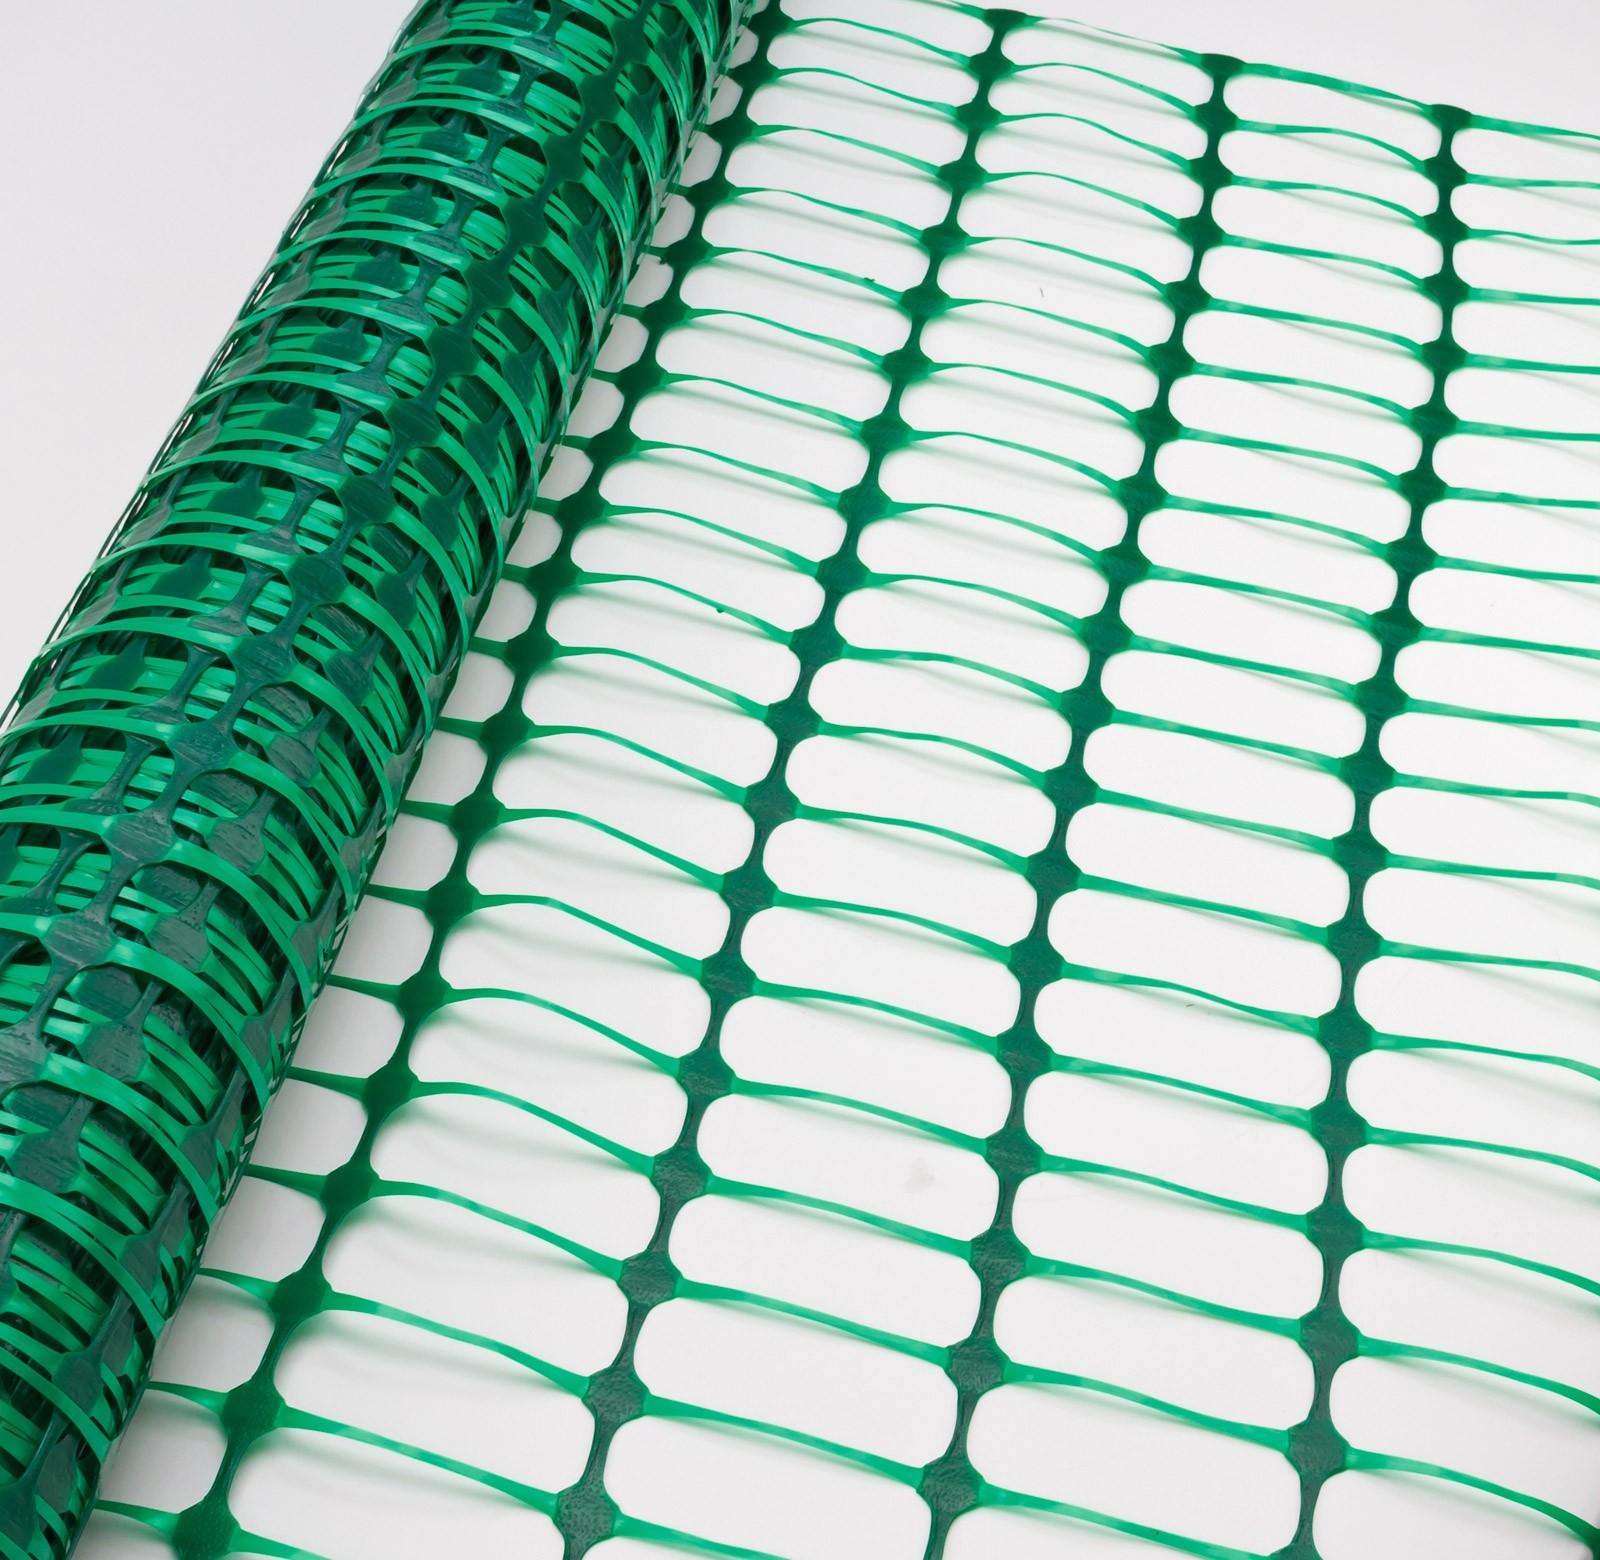 Dema Schutznetz Bauzaun Absicherungszaun Warnnetz Grün 30m x 1m 31247